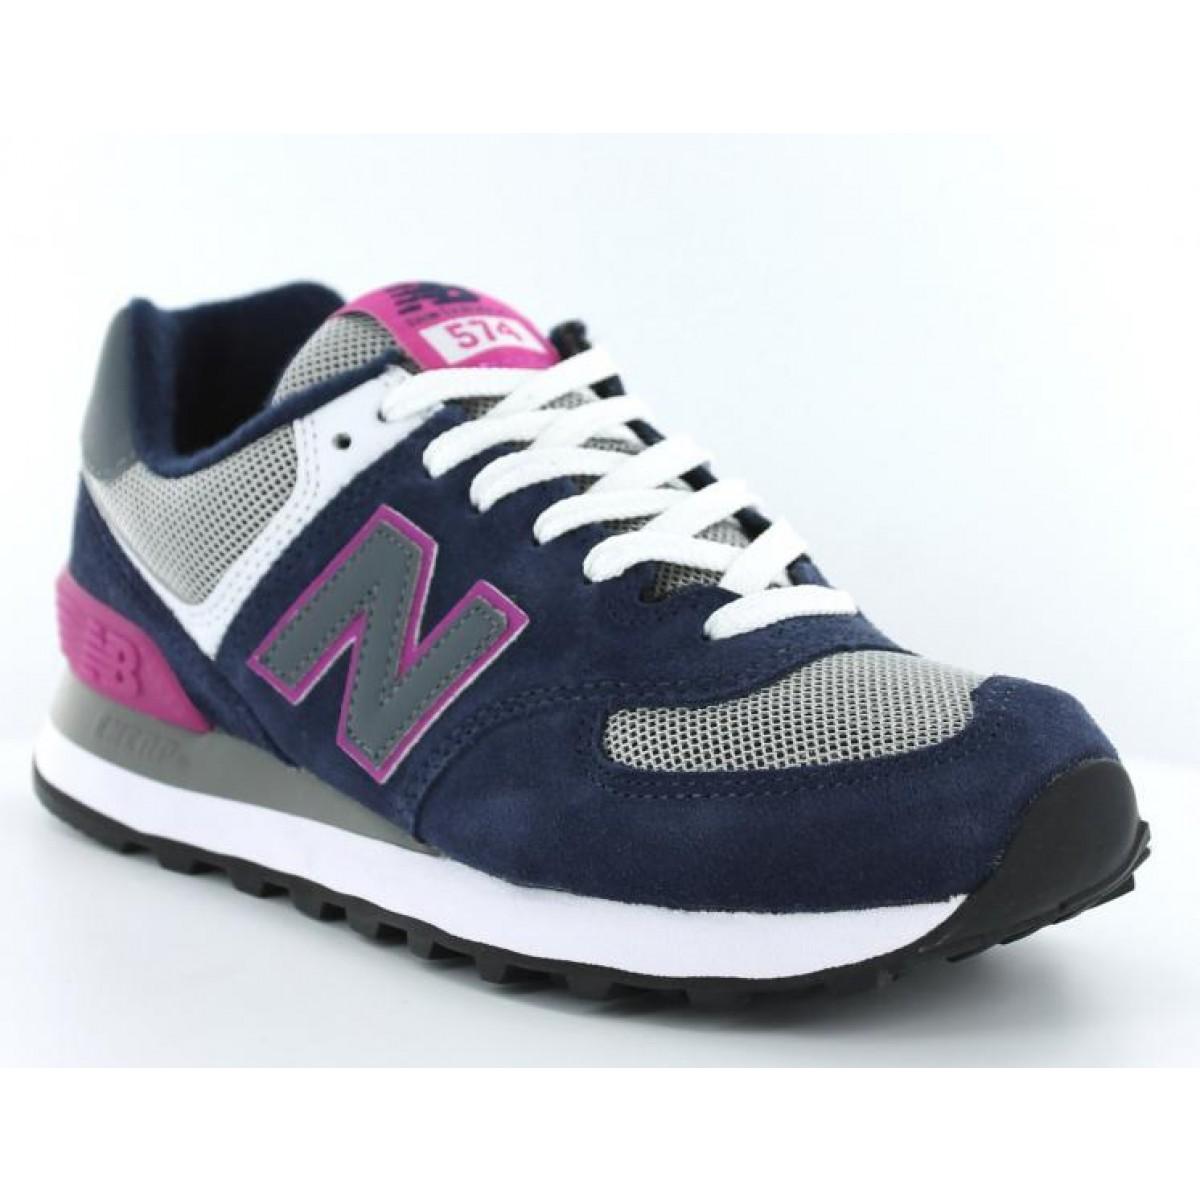 chaussures sport new balance femme pas cher,Chaussures de sport ...